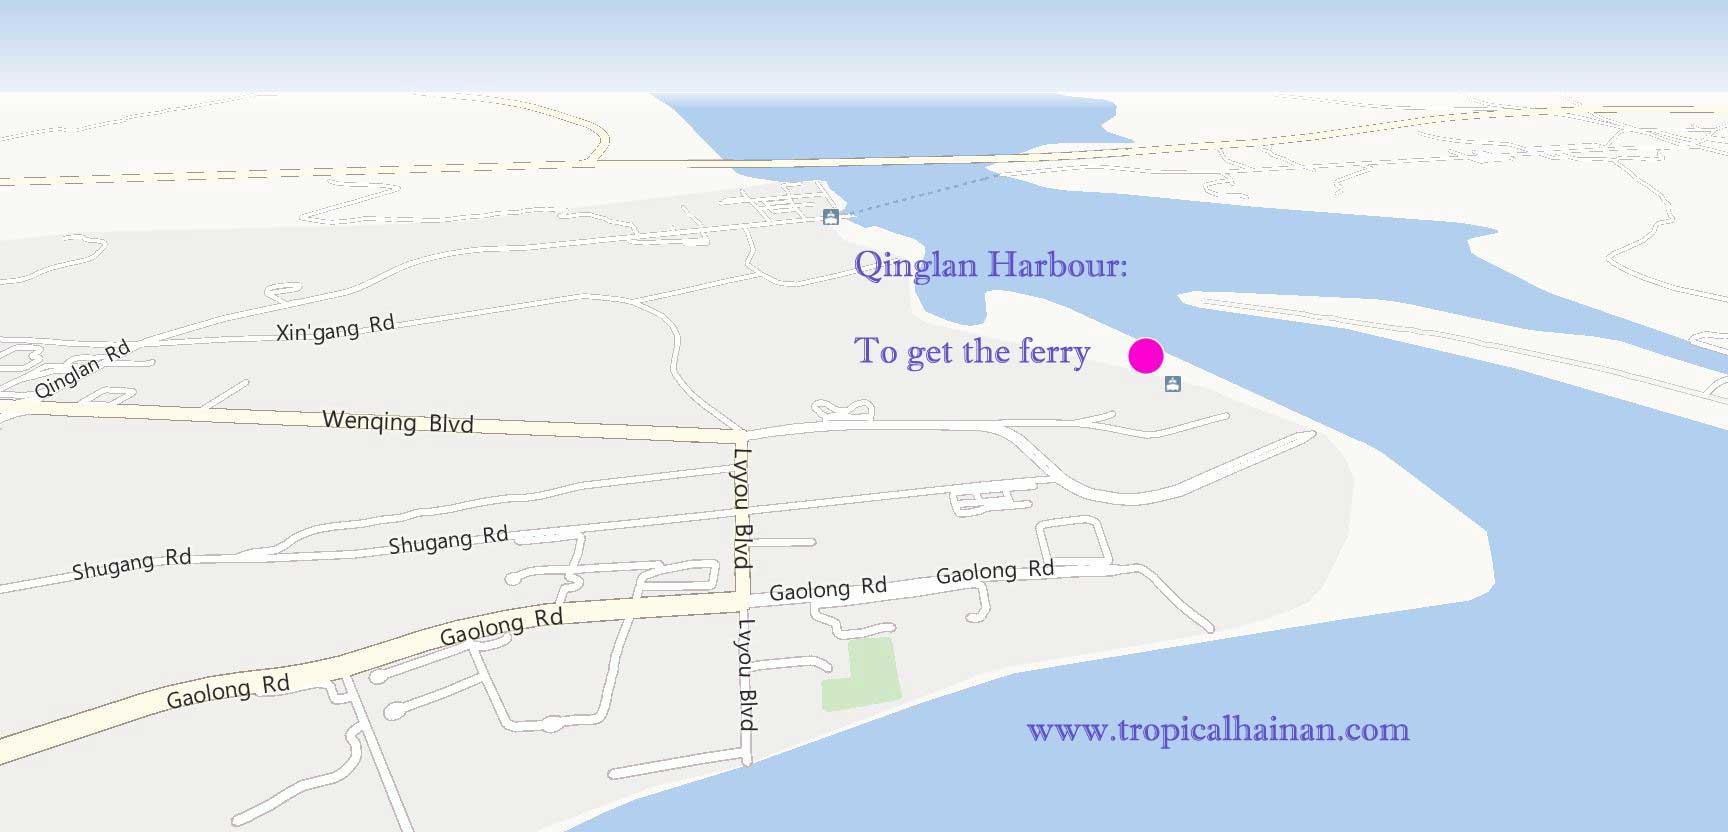 Qinglan Harbour